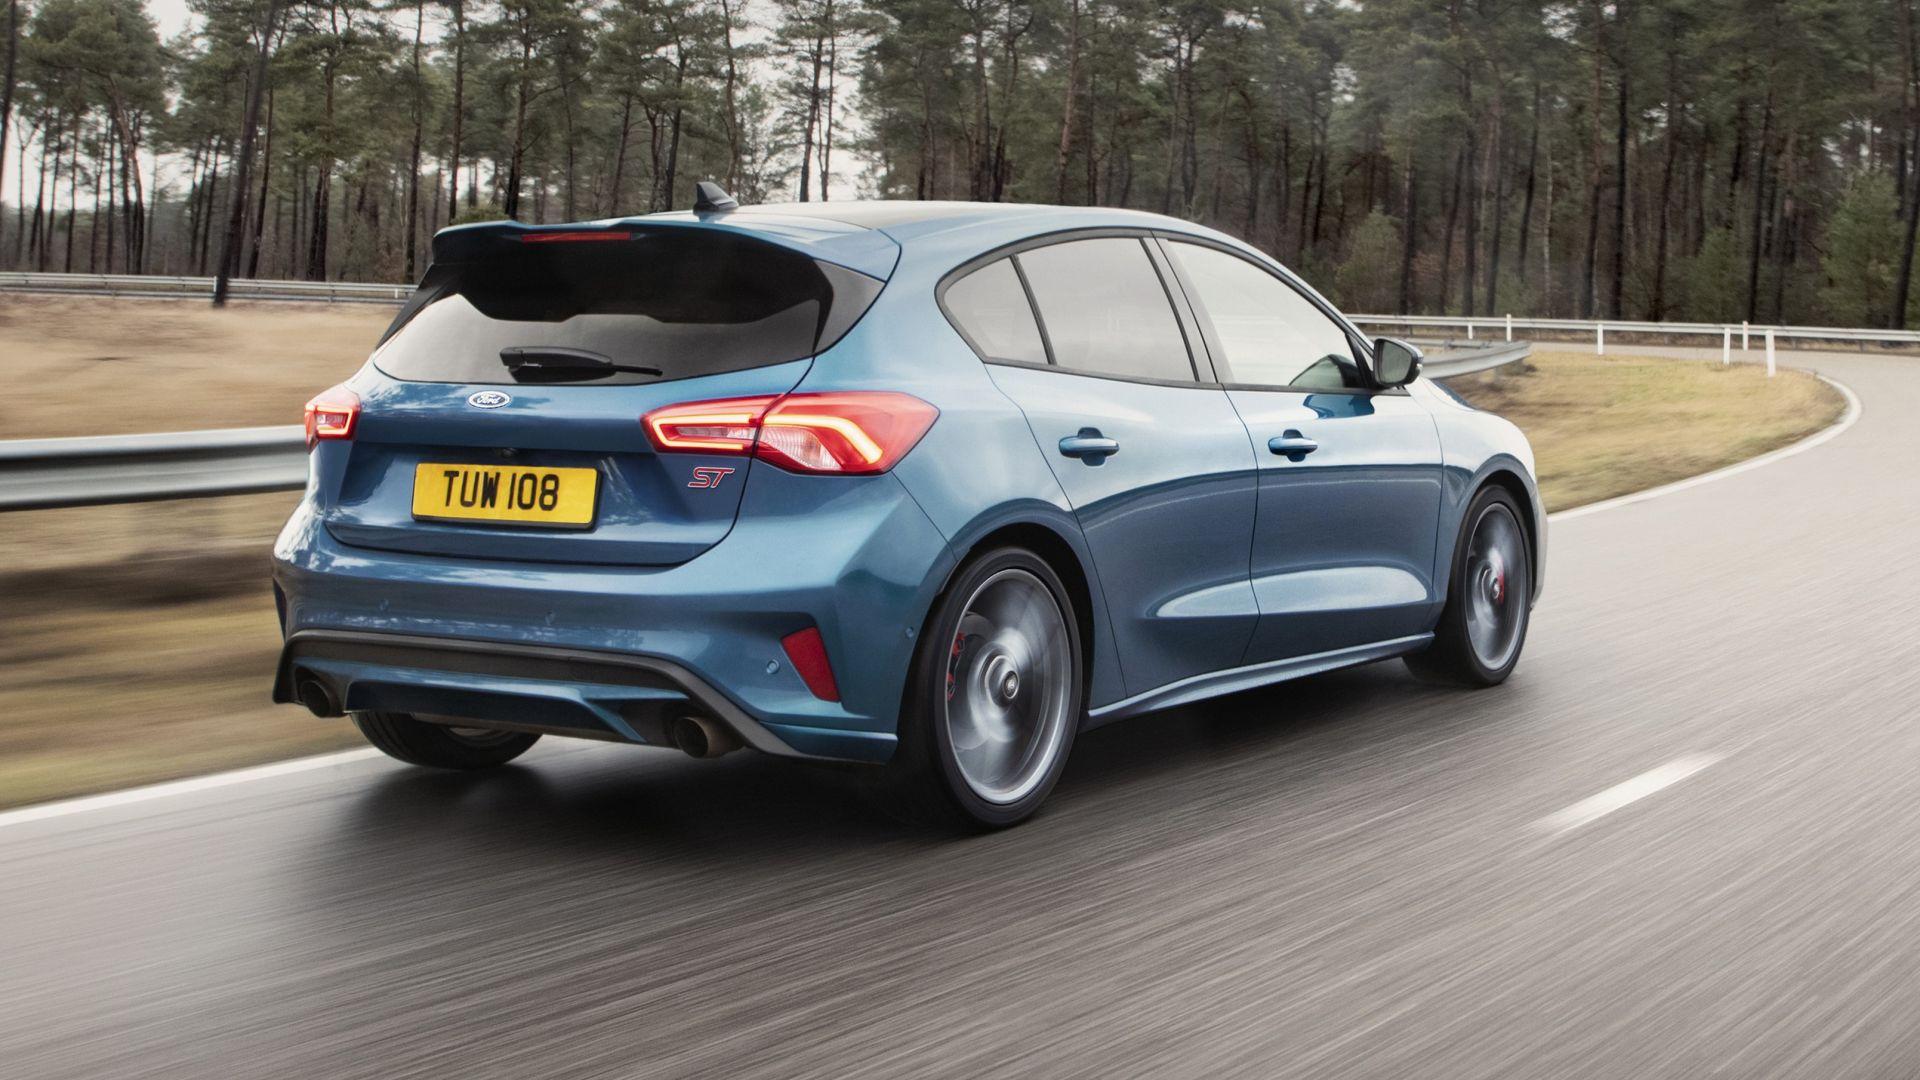 ford focus st 2019  video  interni  motore  diesel  prezzo